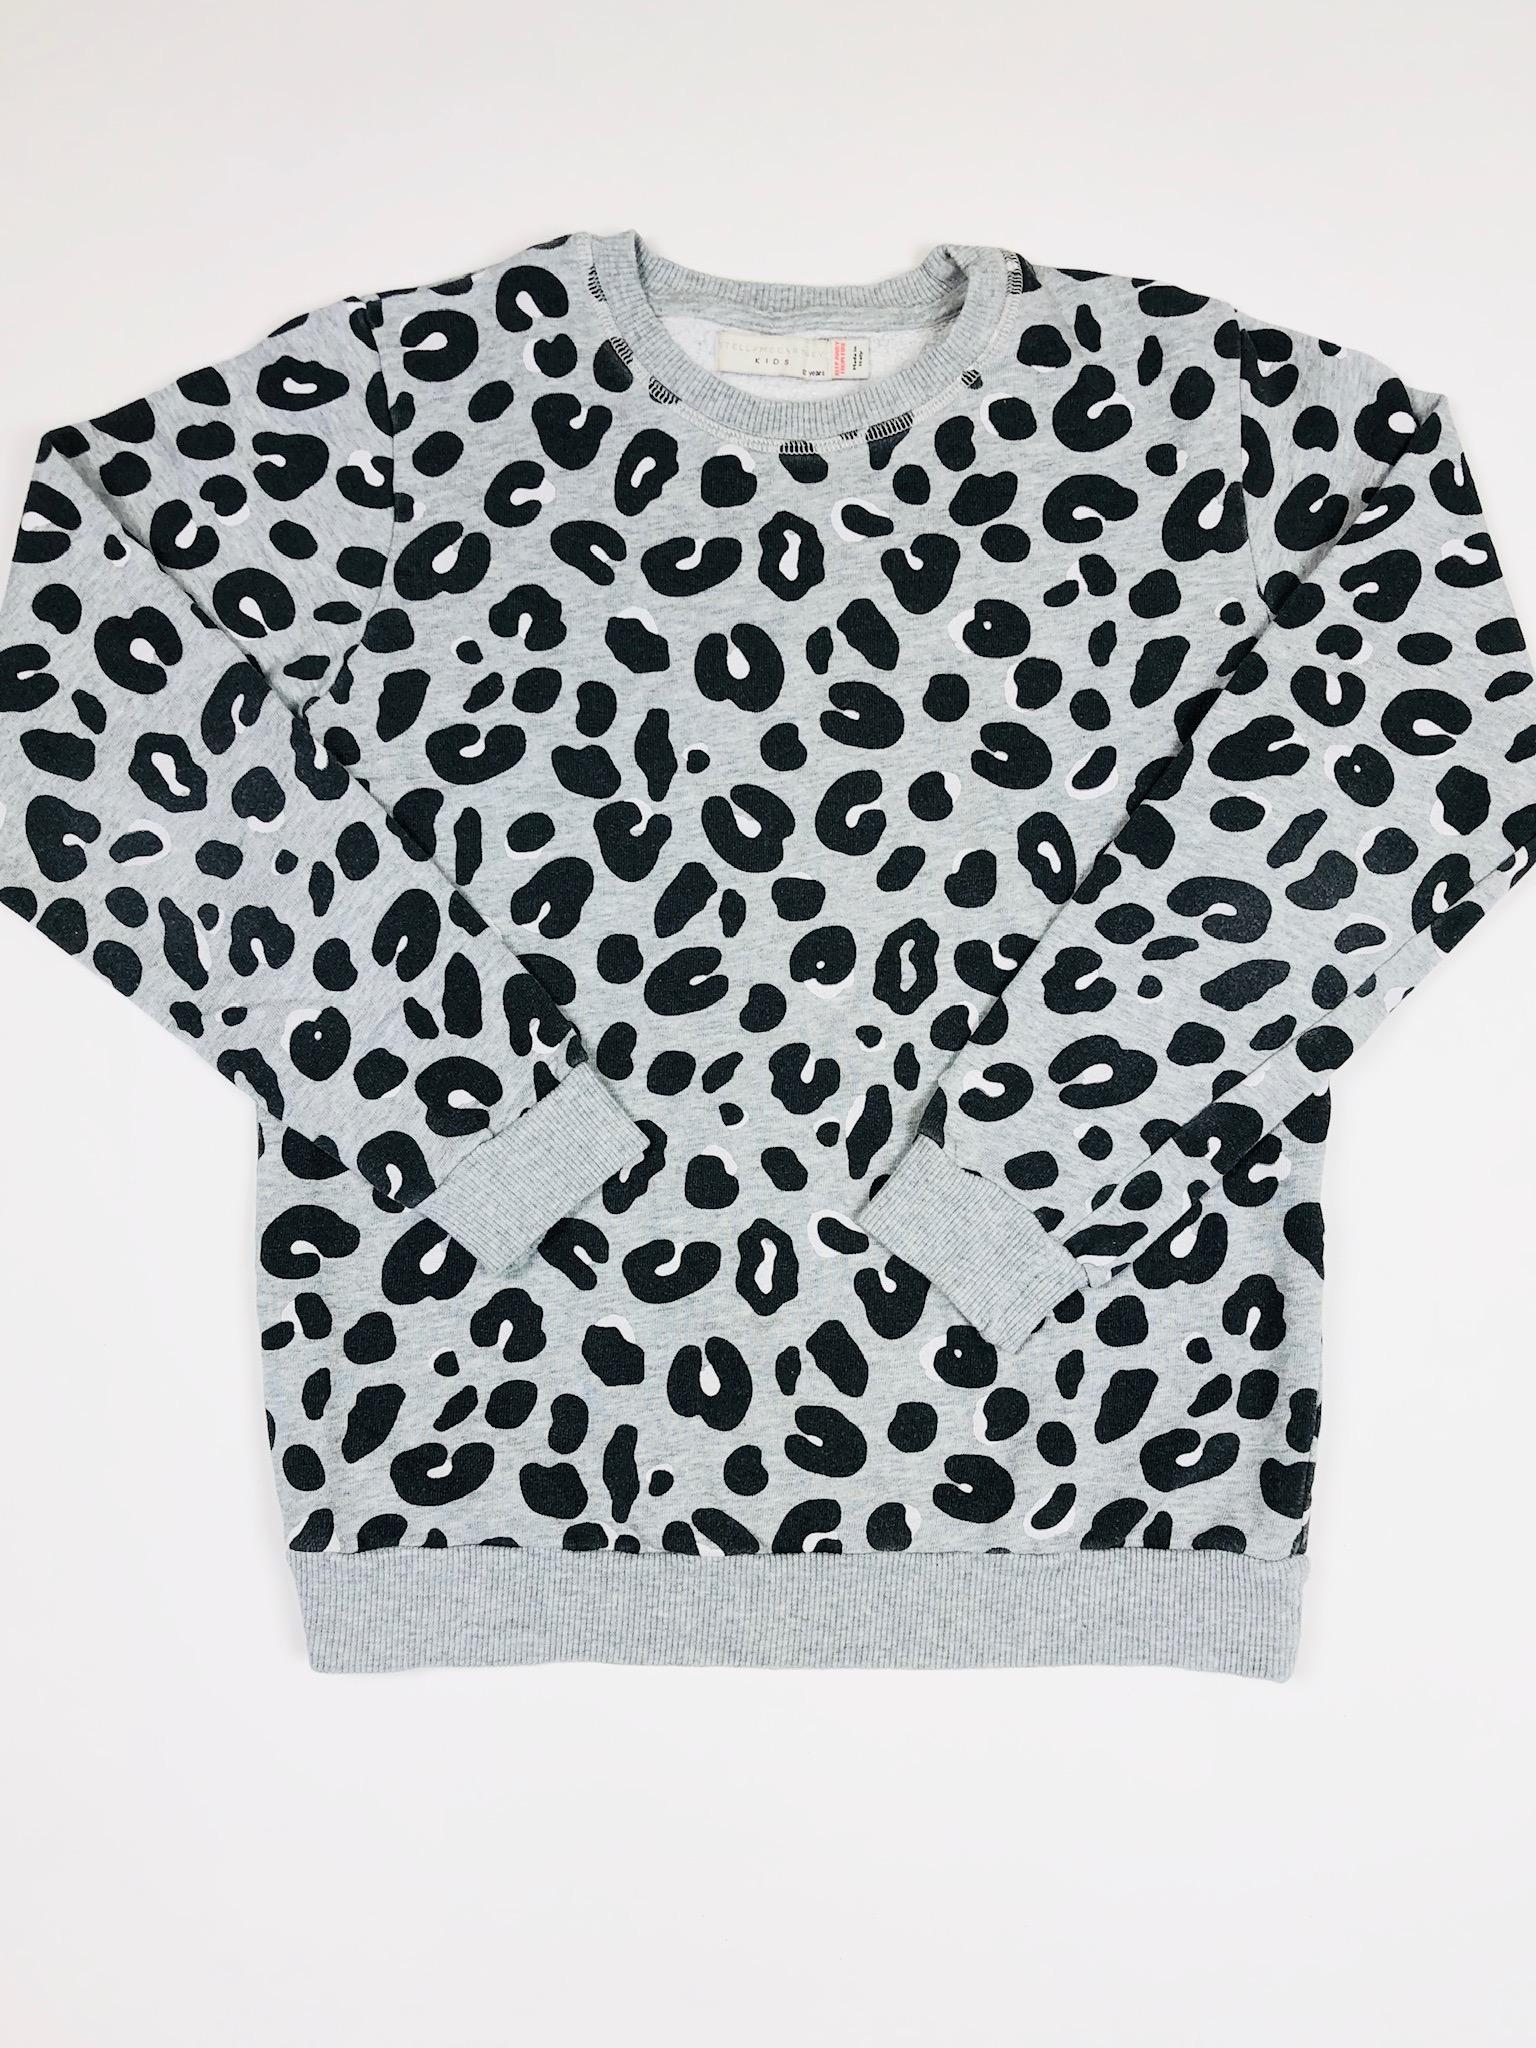 Stella McCartney Kids 12 Sweaters/Sweatshirts